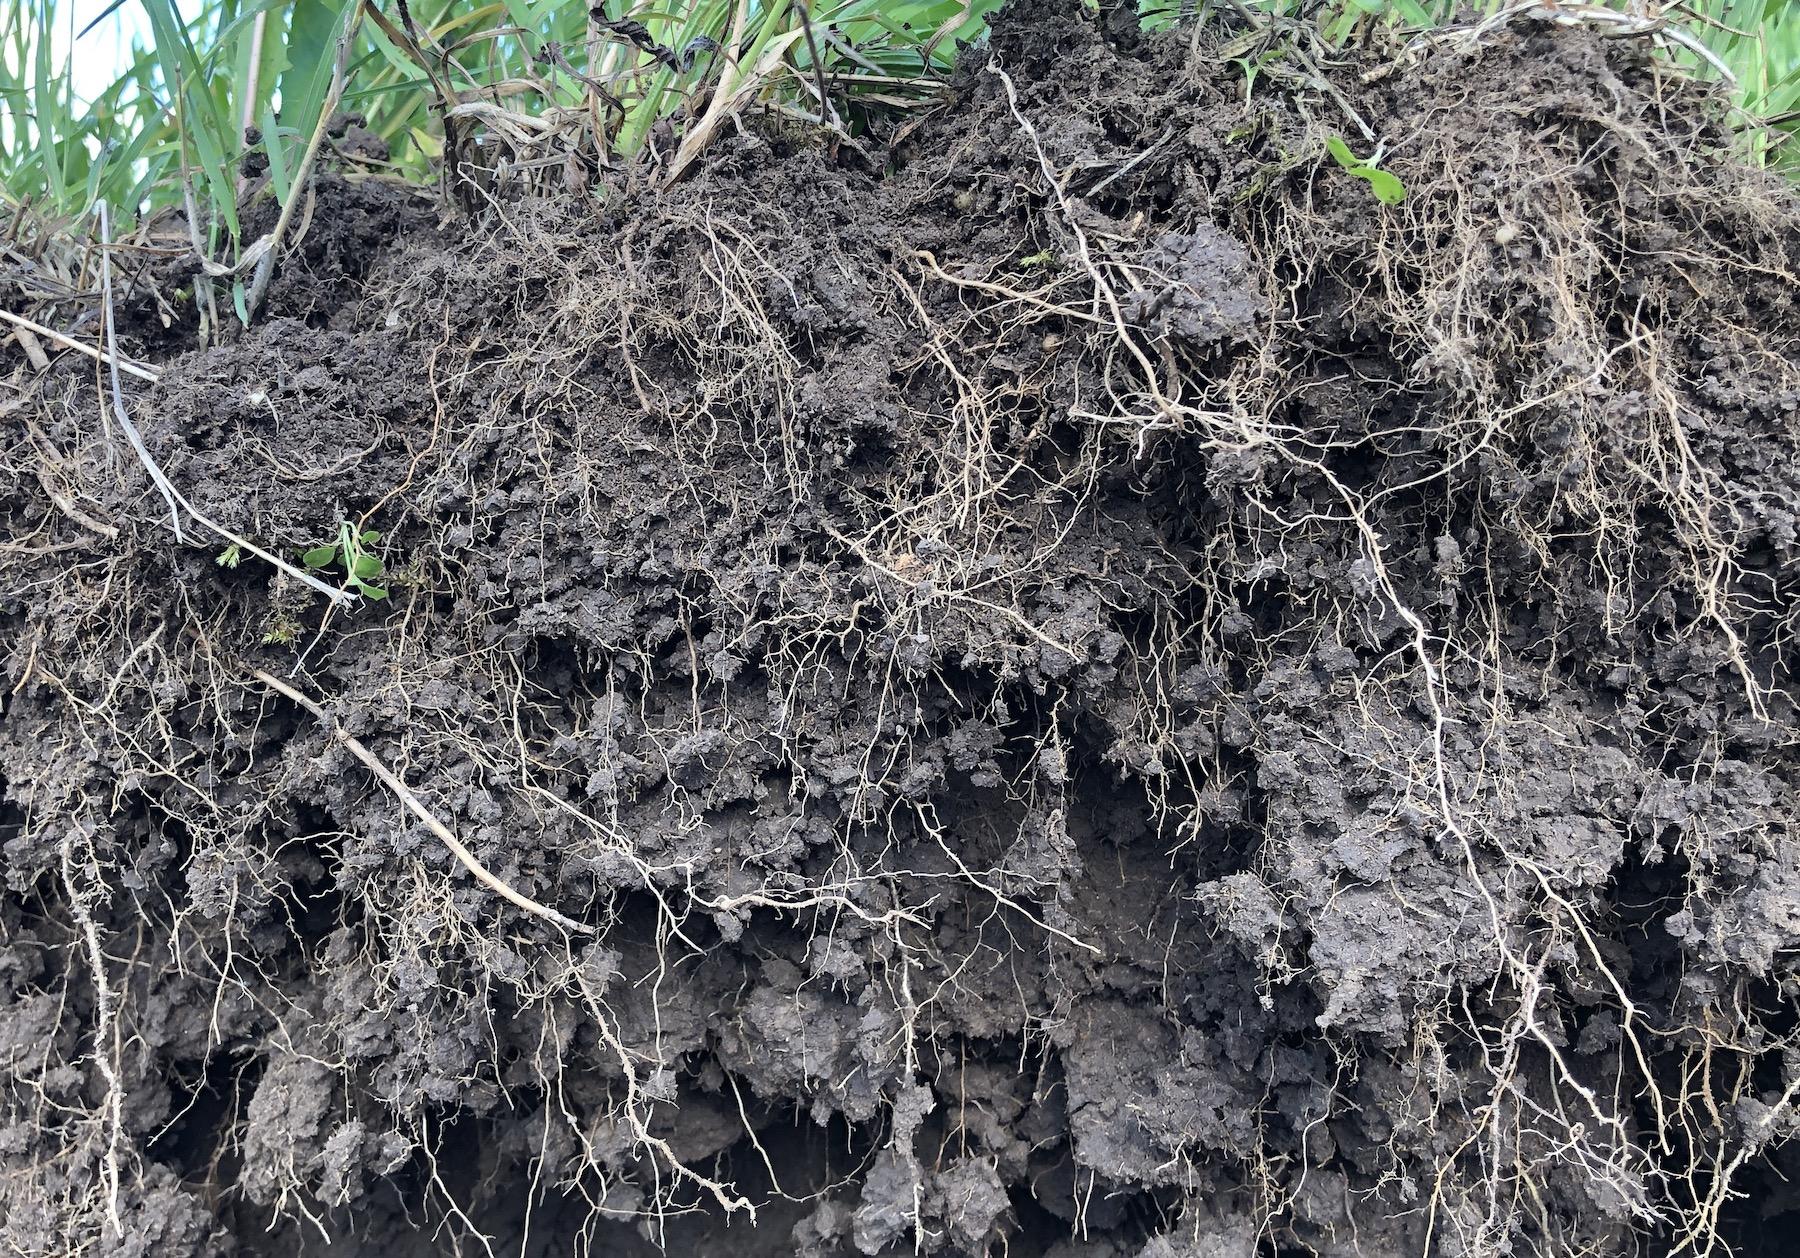 Agrarheute: Regenerative Landwirtschaft – das bessere Bio oder Humbug?